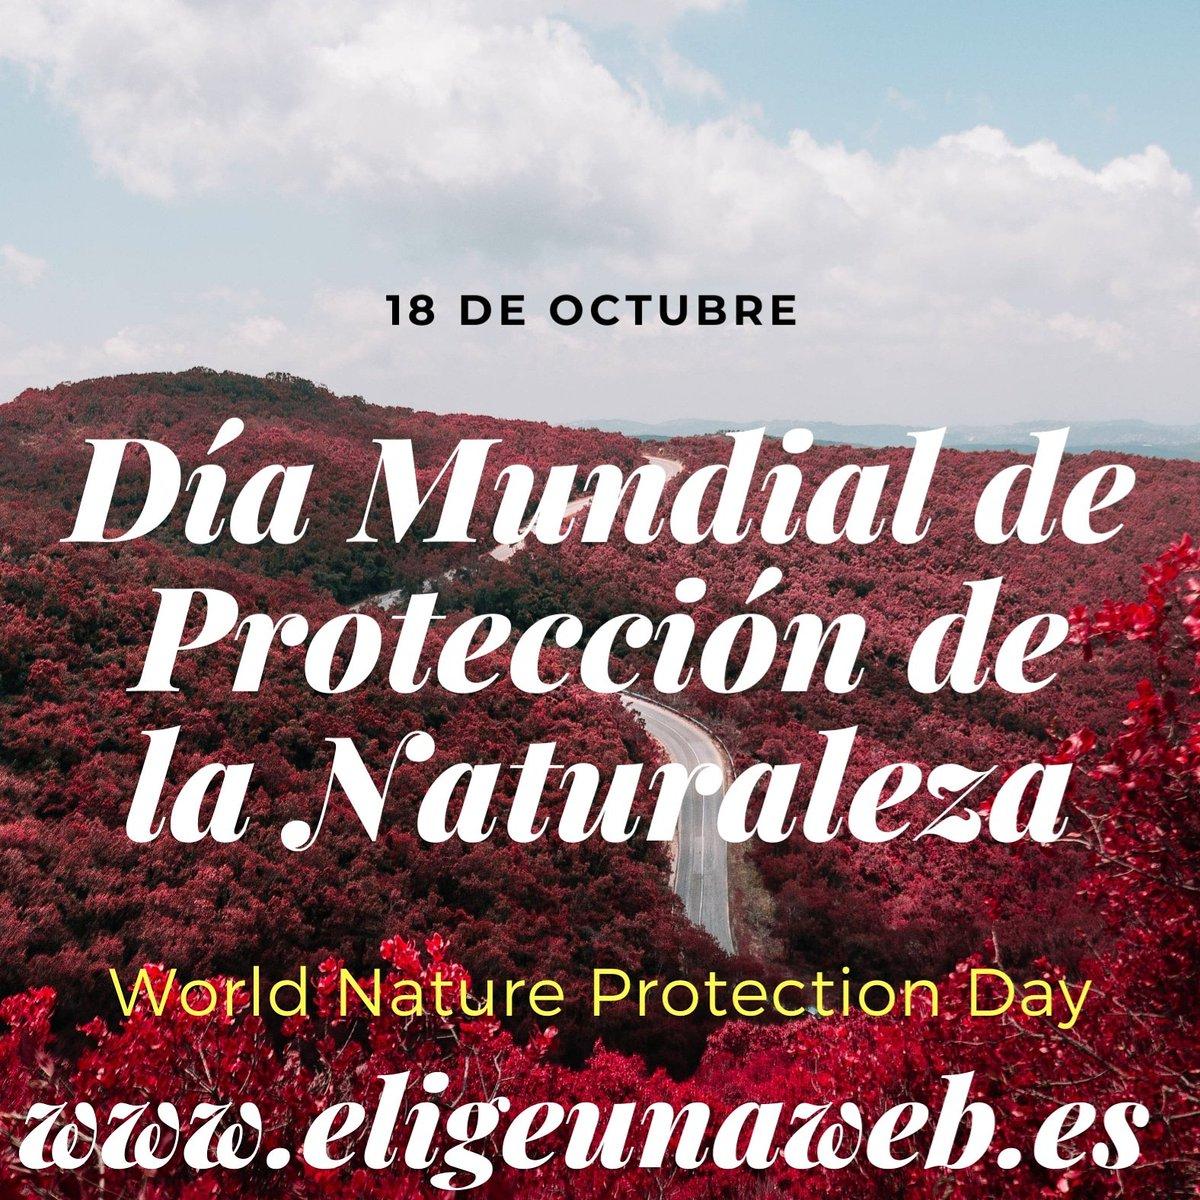 18 de octubre. Día Mundial de Protección de la Naturaleza. World Nature Protection Day. #hoy  #todayworld  #today  #hoyeseldía  #felizviernes  #happyfriday  #natura  #natural  #naturaleza  #proteccionnaturaleza  #natureworld  #nature  #natureprotection  #ProtectNature